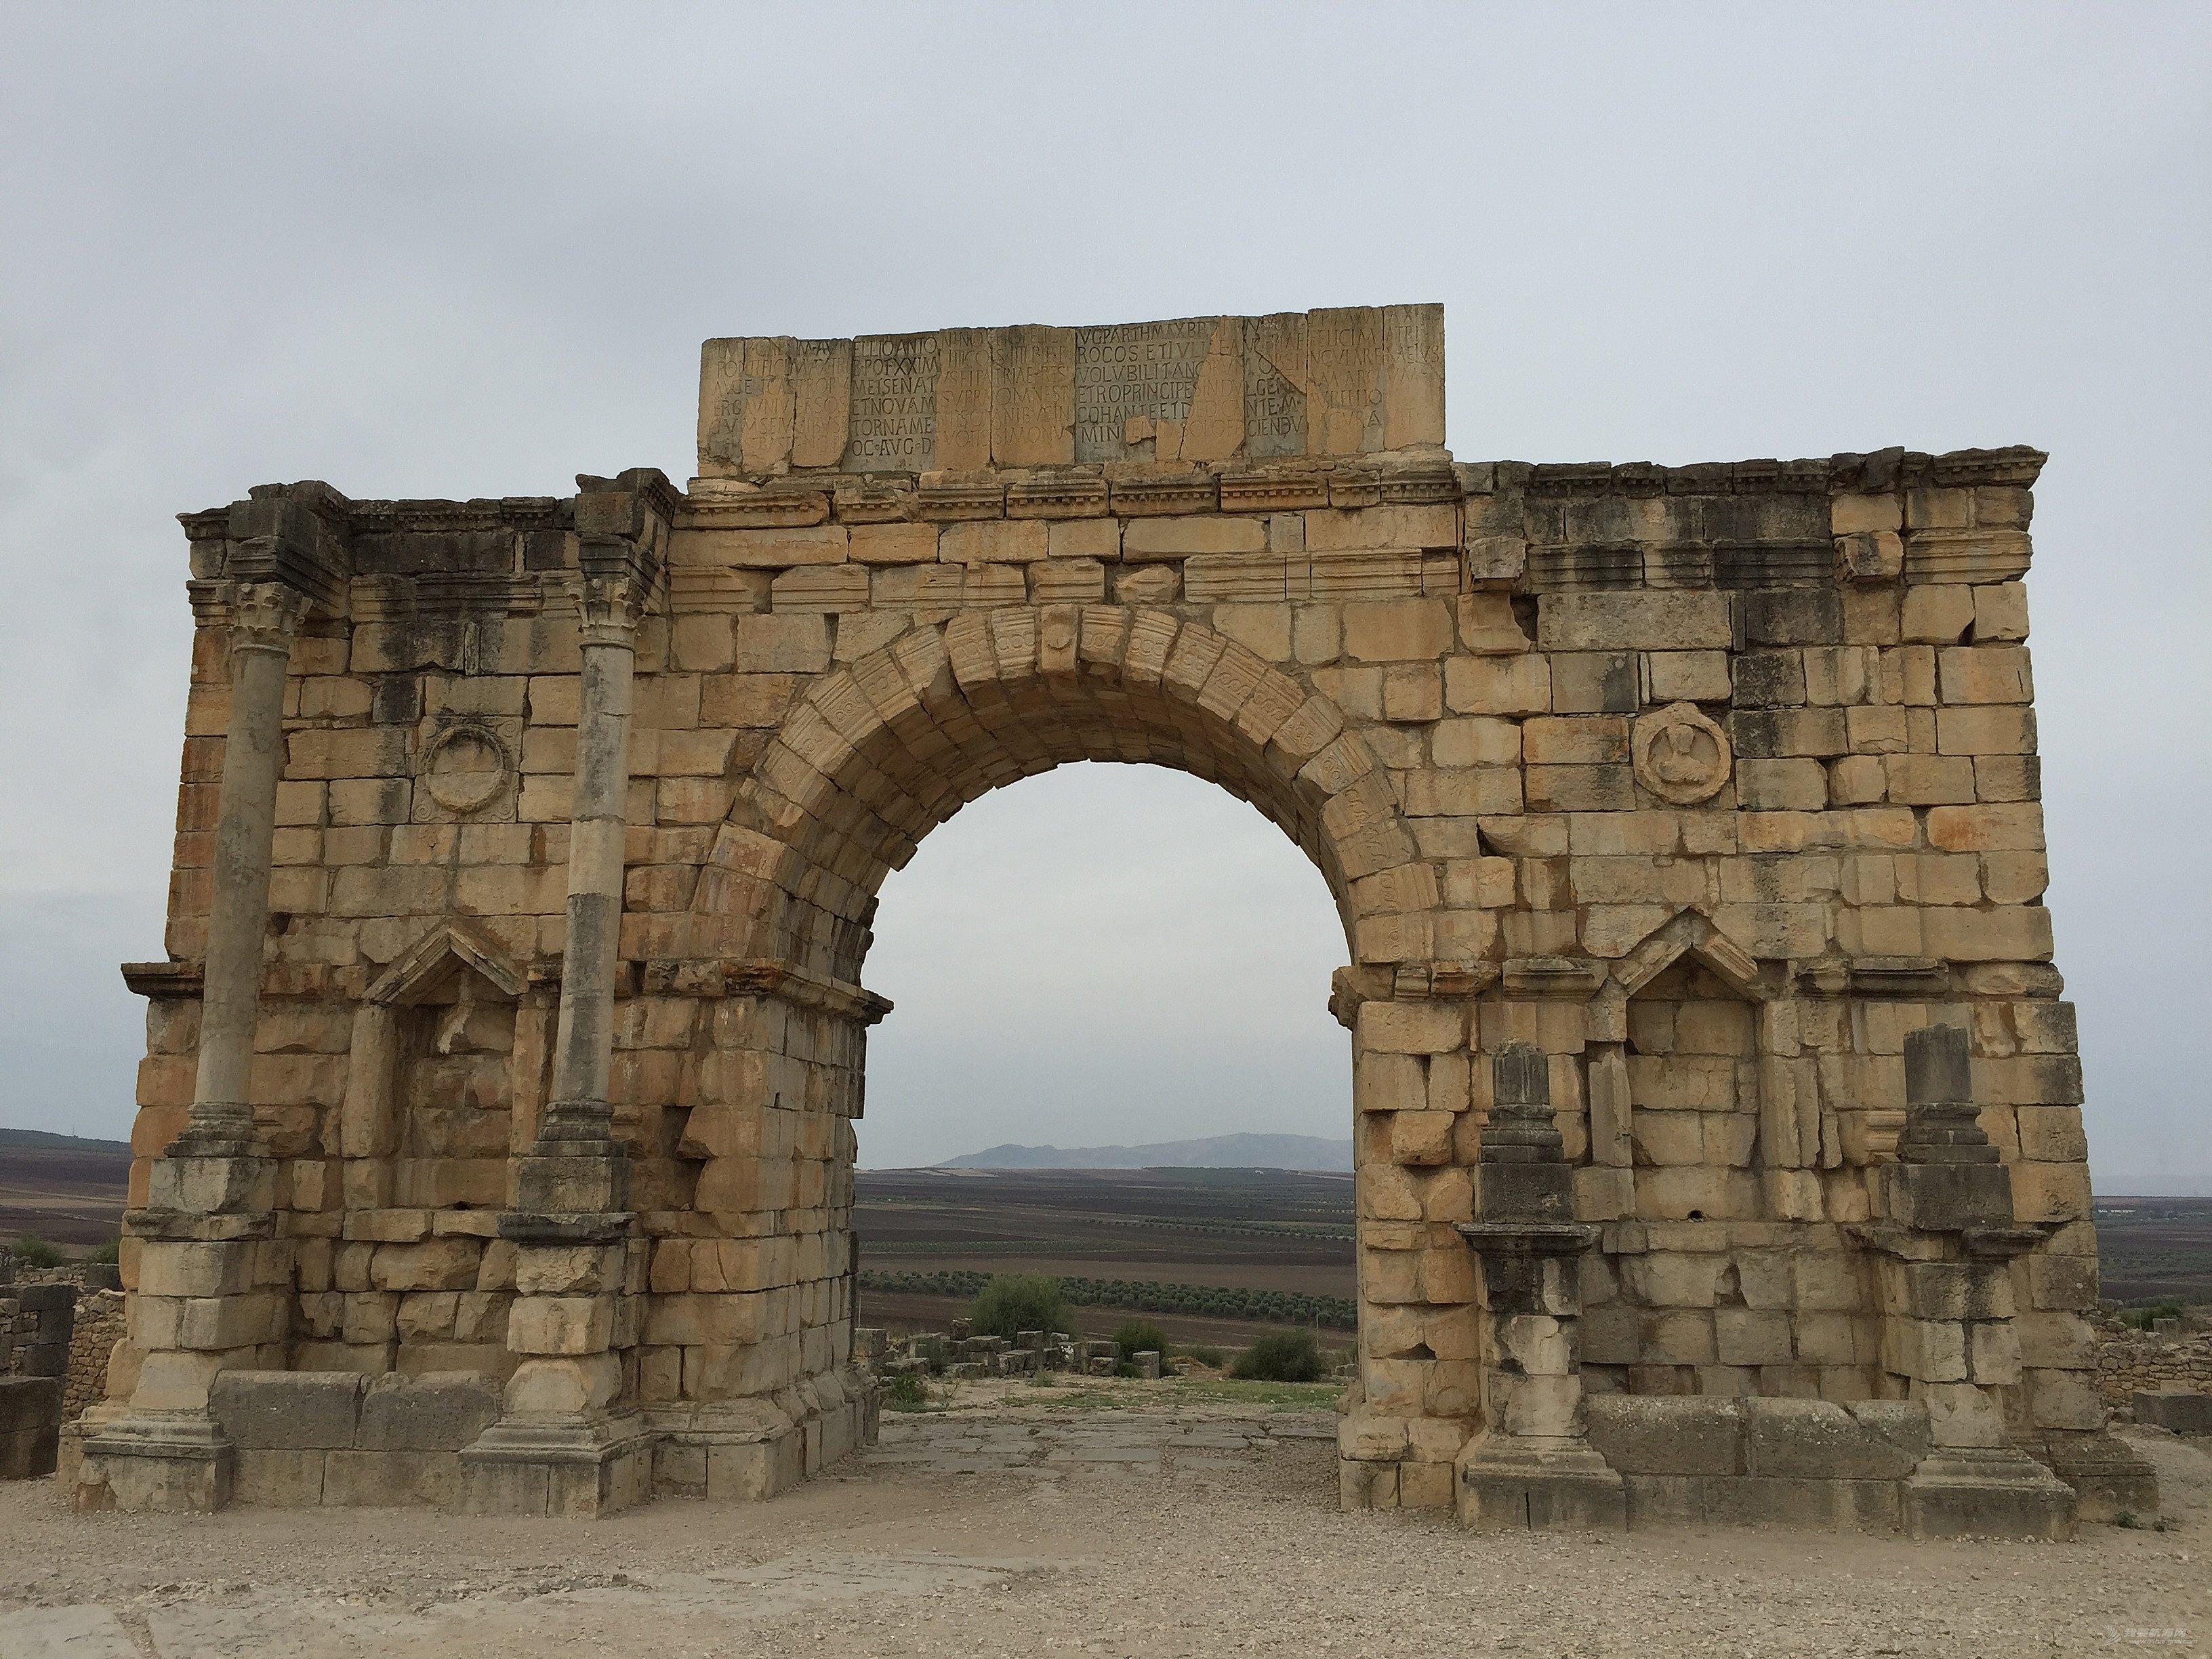 穆斯林,教科文组织,基督教,伊斯梅尔,罗马帝国 古罗马世界遗产,初世纪城市废墟--《再济沧海》(76)